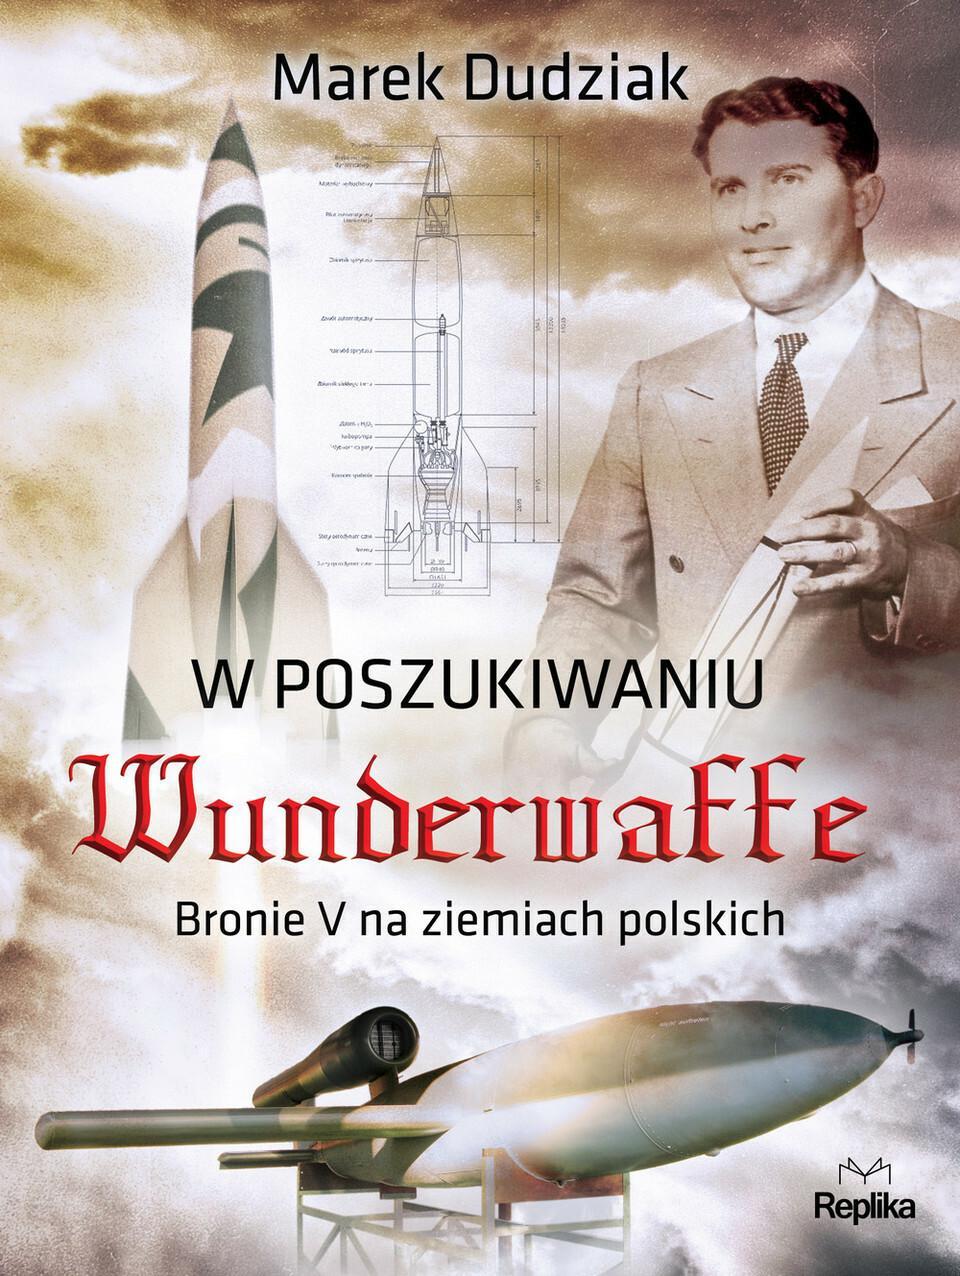 Replika W poszukiwaniu Wunderwaffe. Bronie V na ziemiach polskich - Marek Dudziak